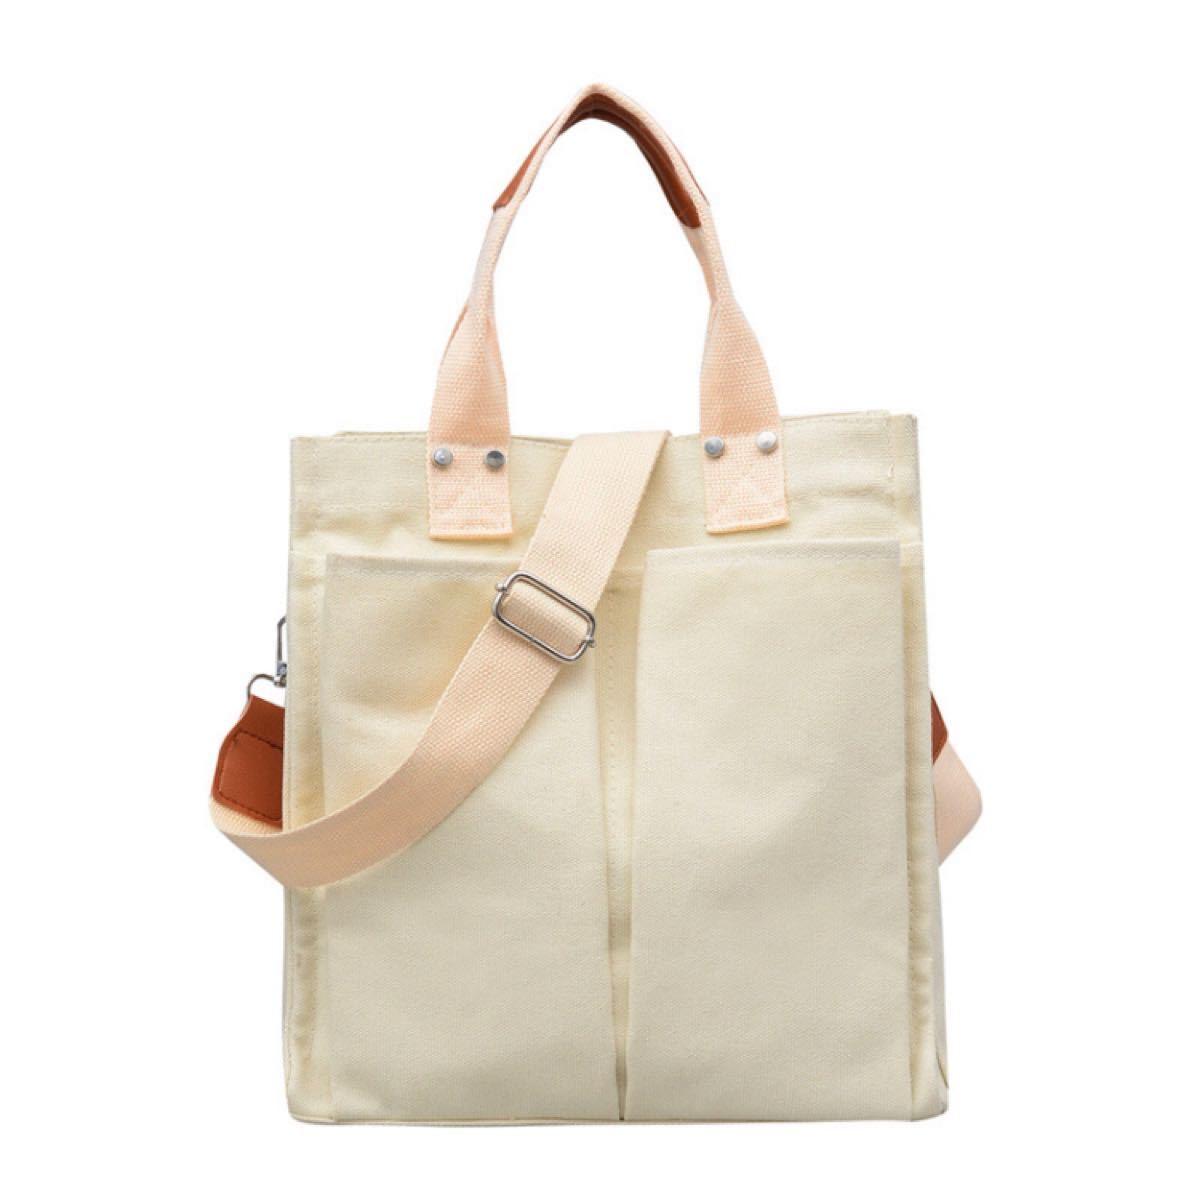 トートバッグ 白 ホワイト ショルダーバッグ ナチュラル 大容量 レディース キャンバスバッグ ナチュラル レディースバッグ